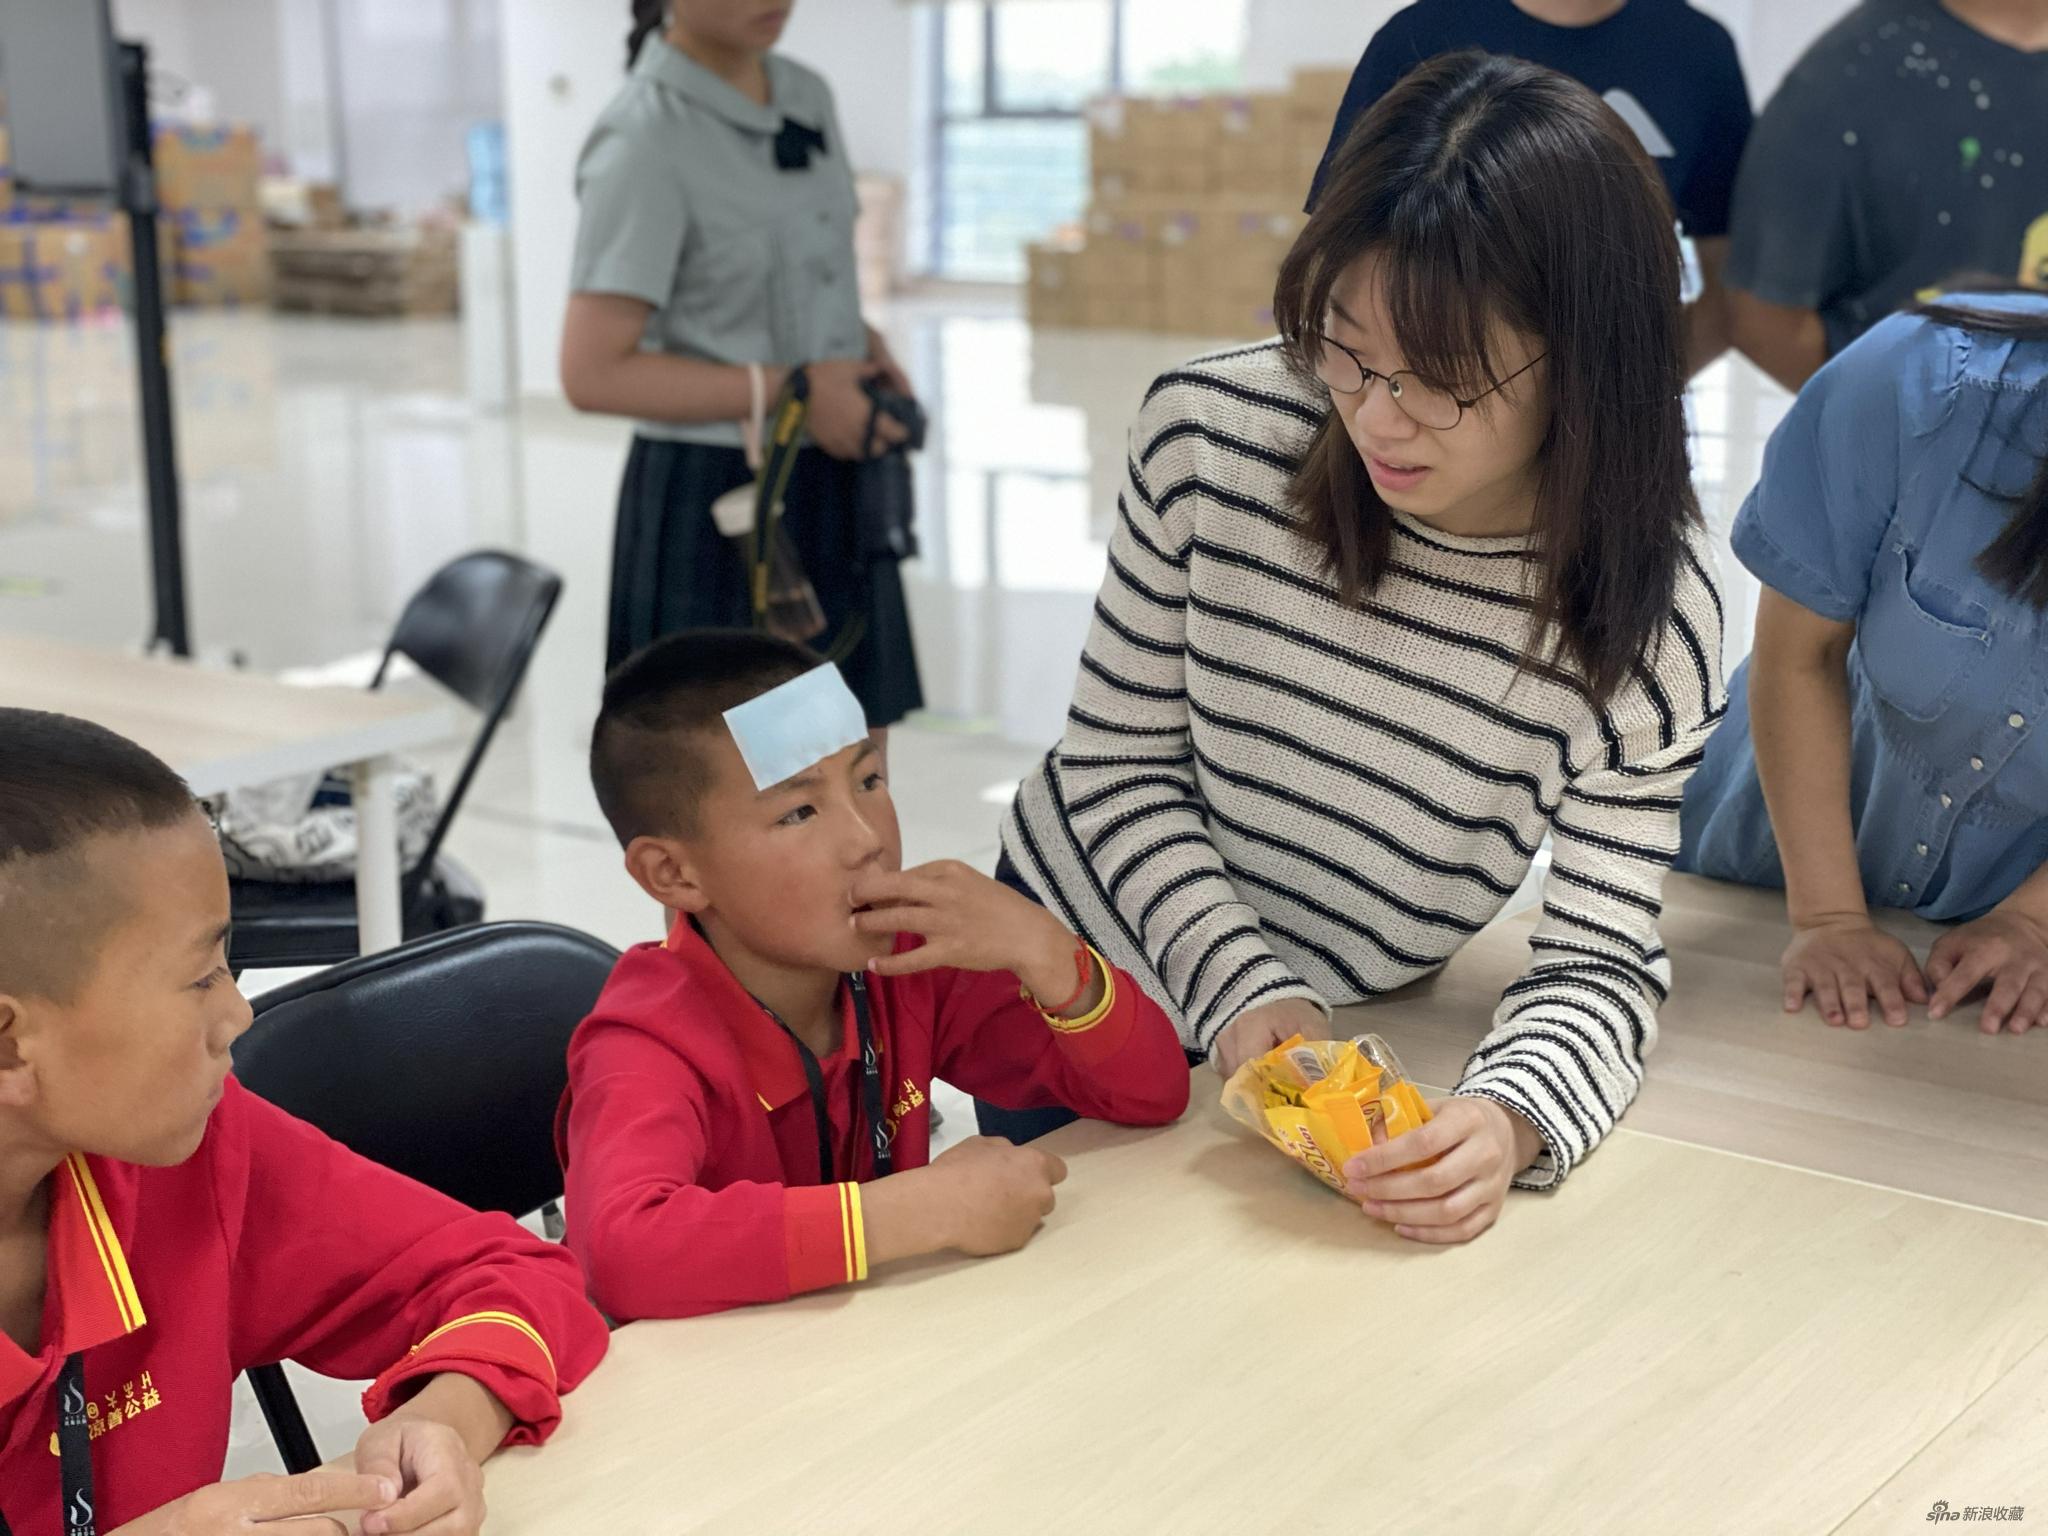 中国人民大学艺术学院研究生赵鑫在与孩子们交流